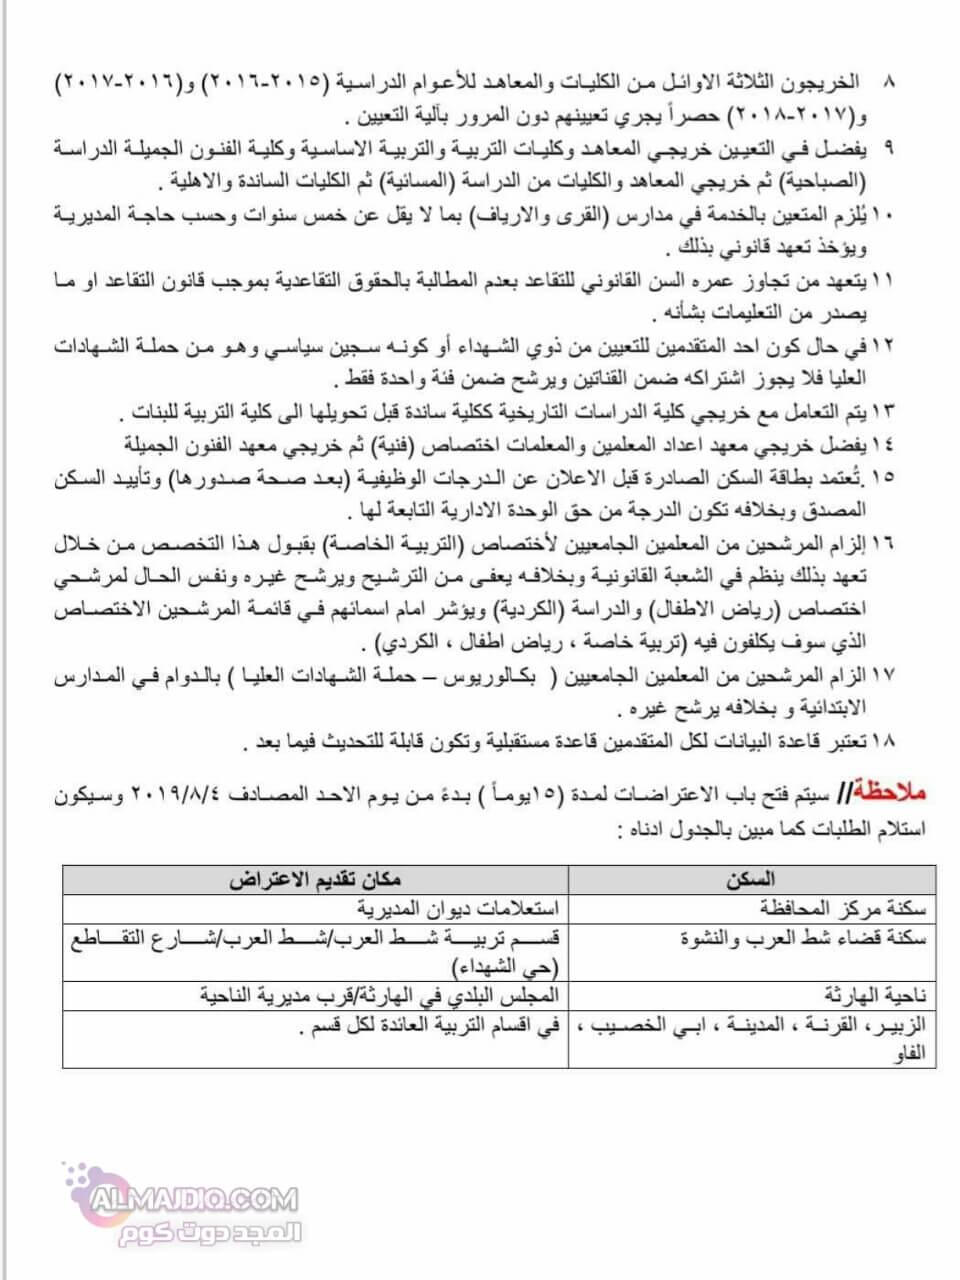 اسماء المقبولين في تعيينات تربية البصرة 2019